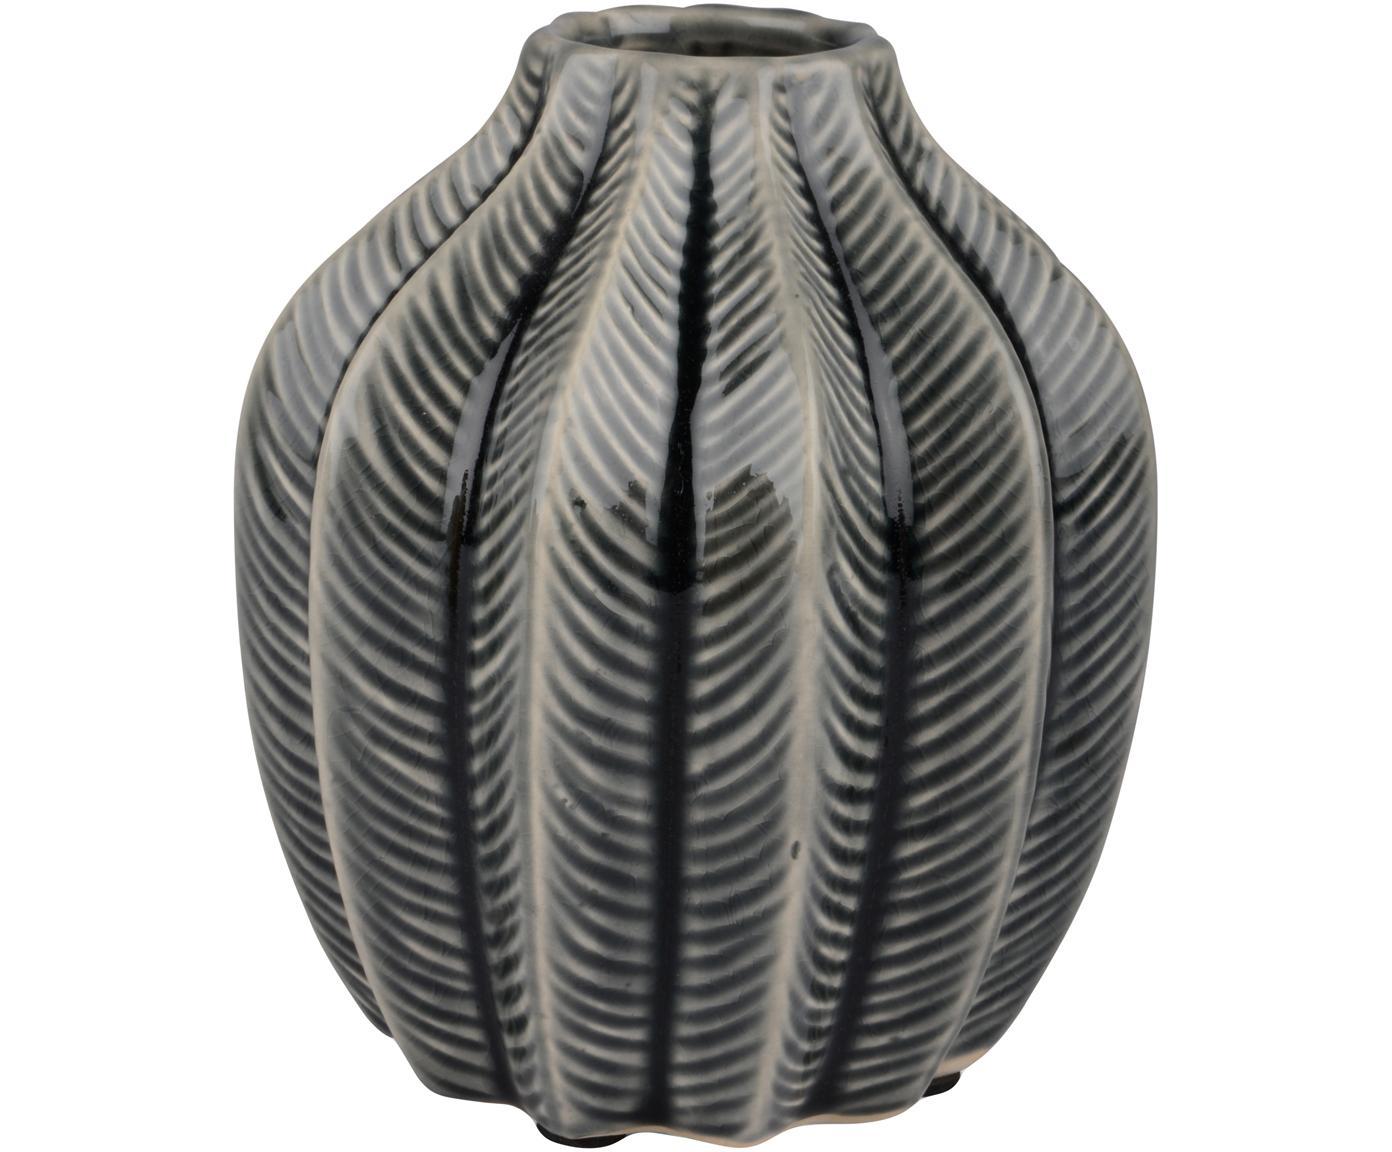 Vase Felicia aus Keramik, Keramik, Grau, Ø 14 x H 15 cm